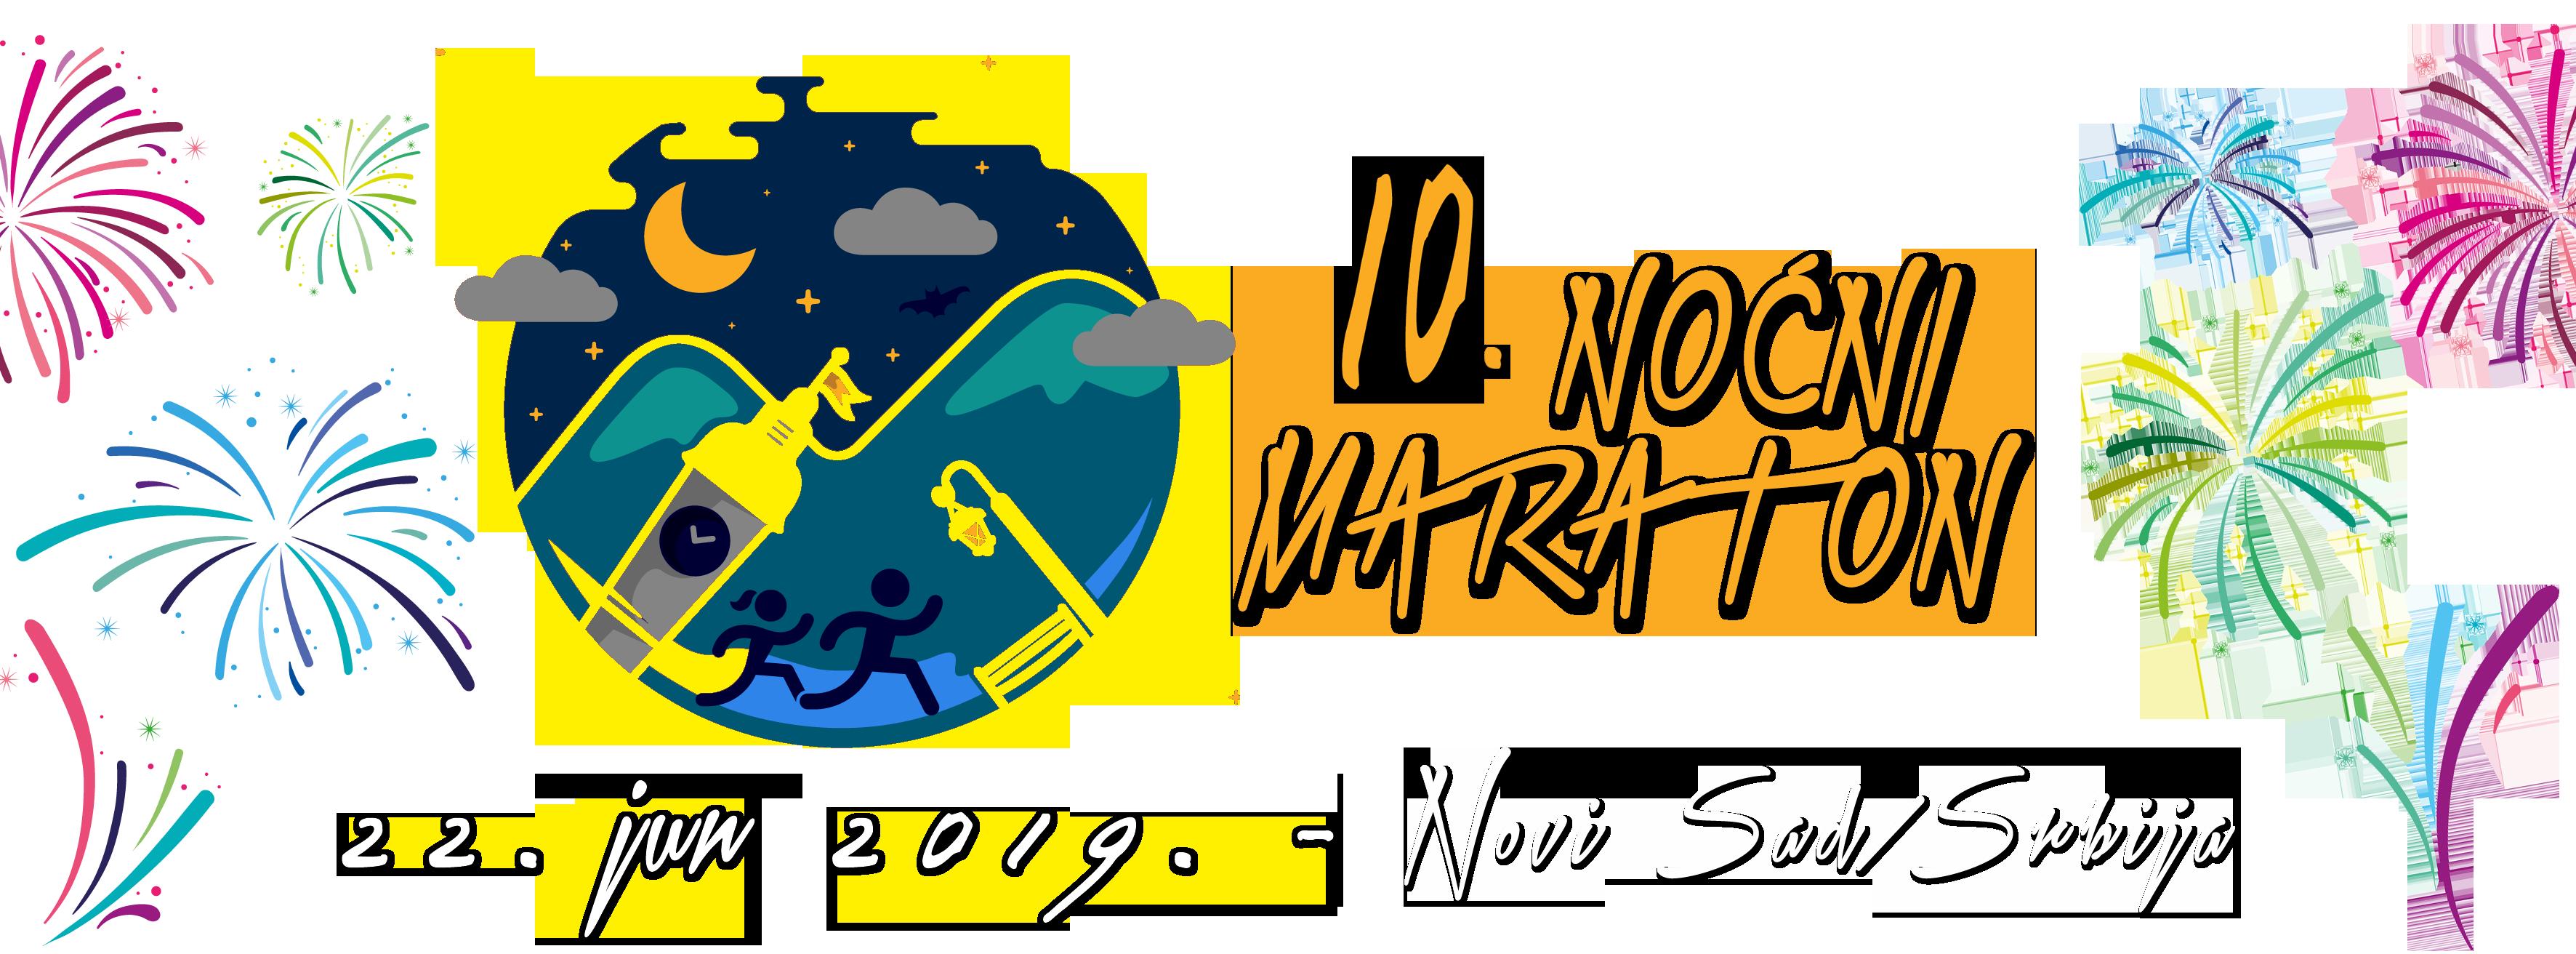 10. Noćni maraton 2019. Novi Sad, Srbija